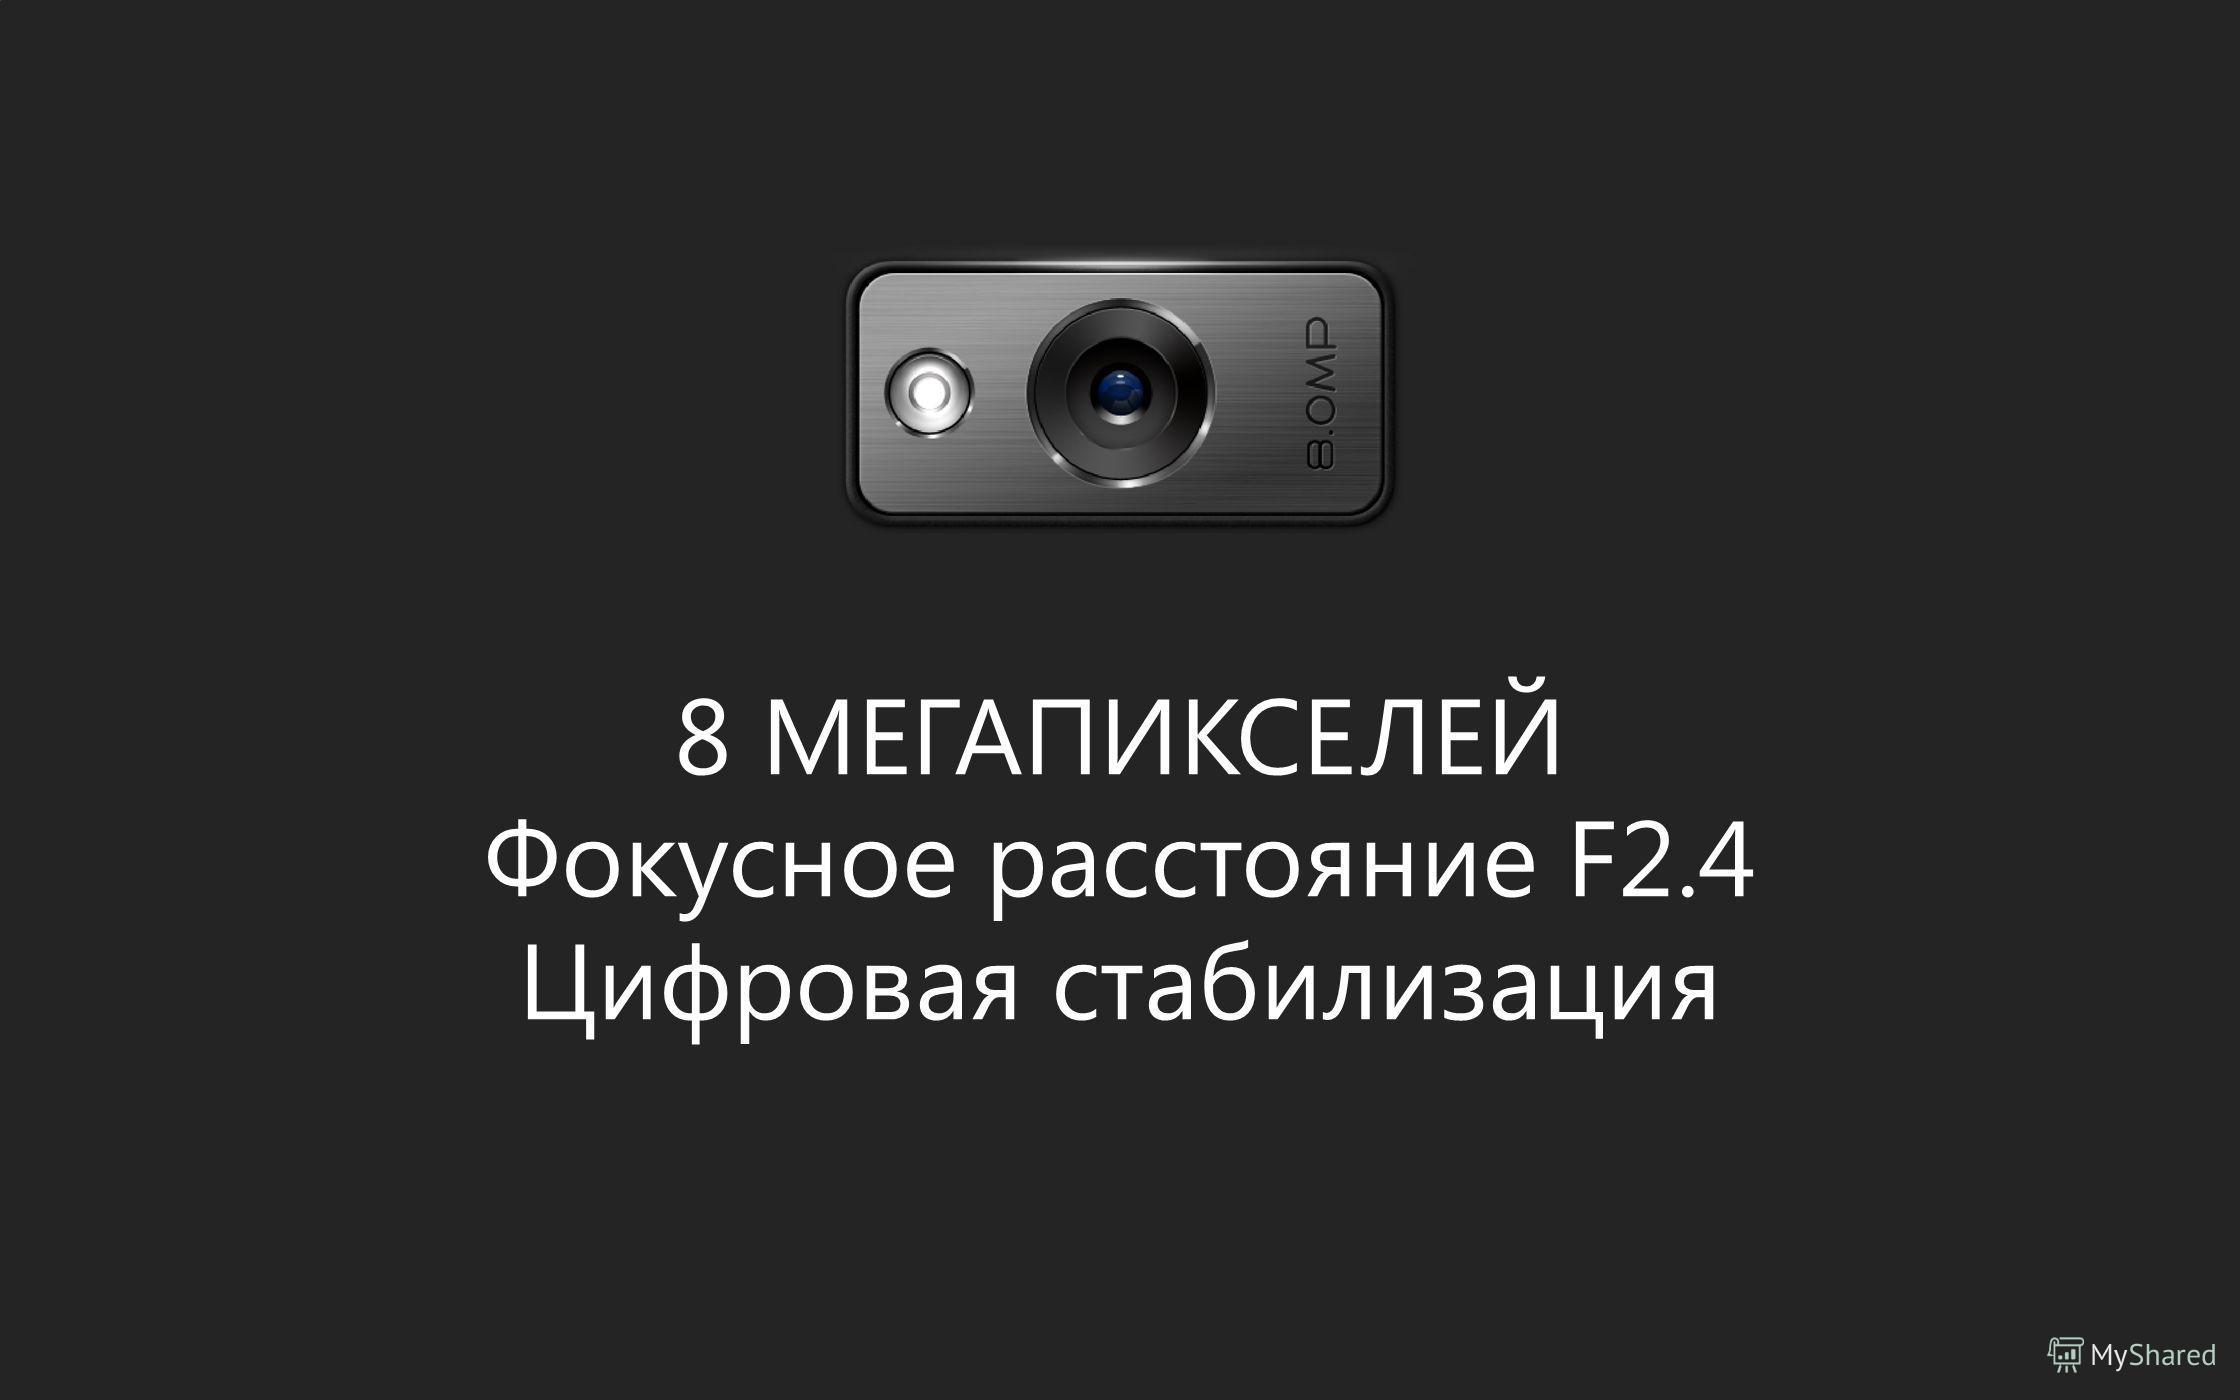 8 МЕГАПИКСЕЛЕЙ Фокусное расстояние F2.4 Цифровая стабилизация